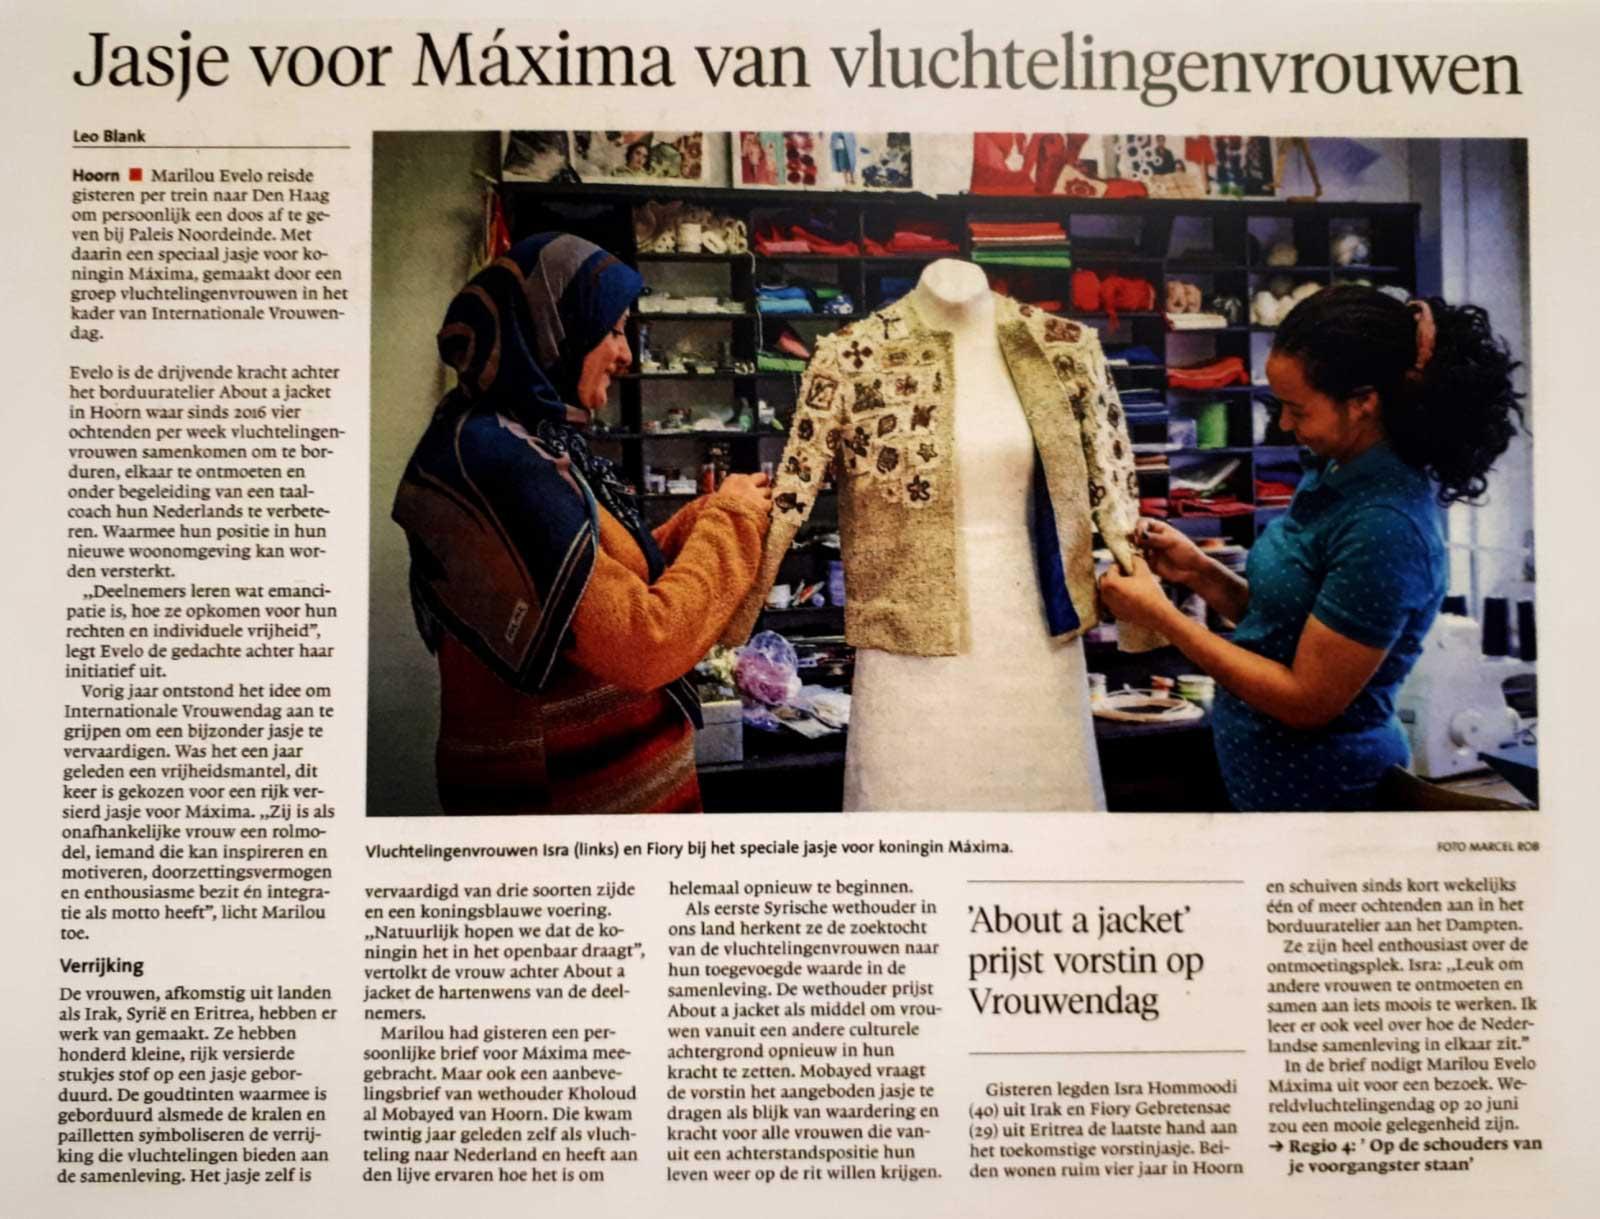 artikel jasje maxima